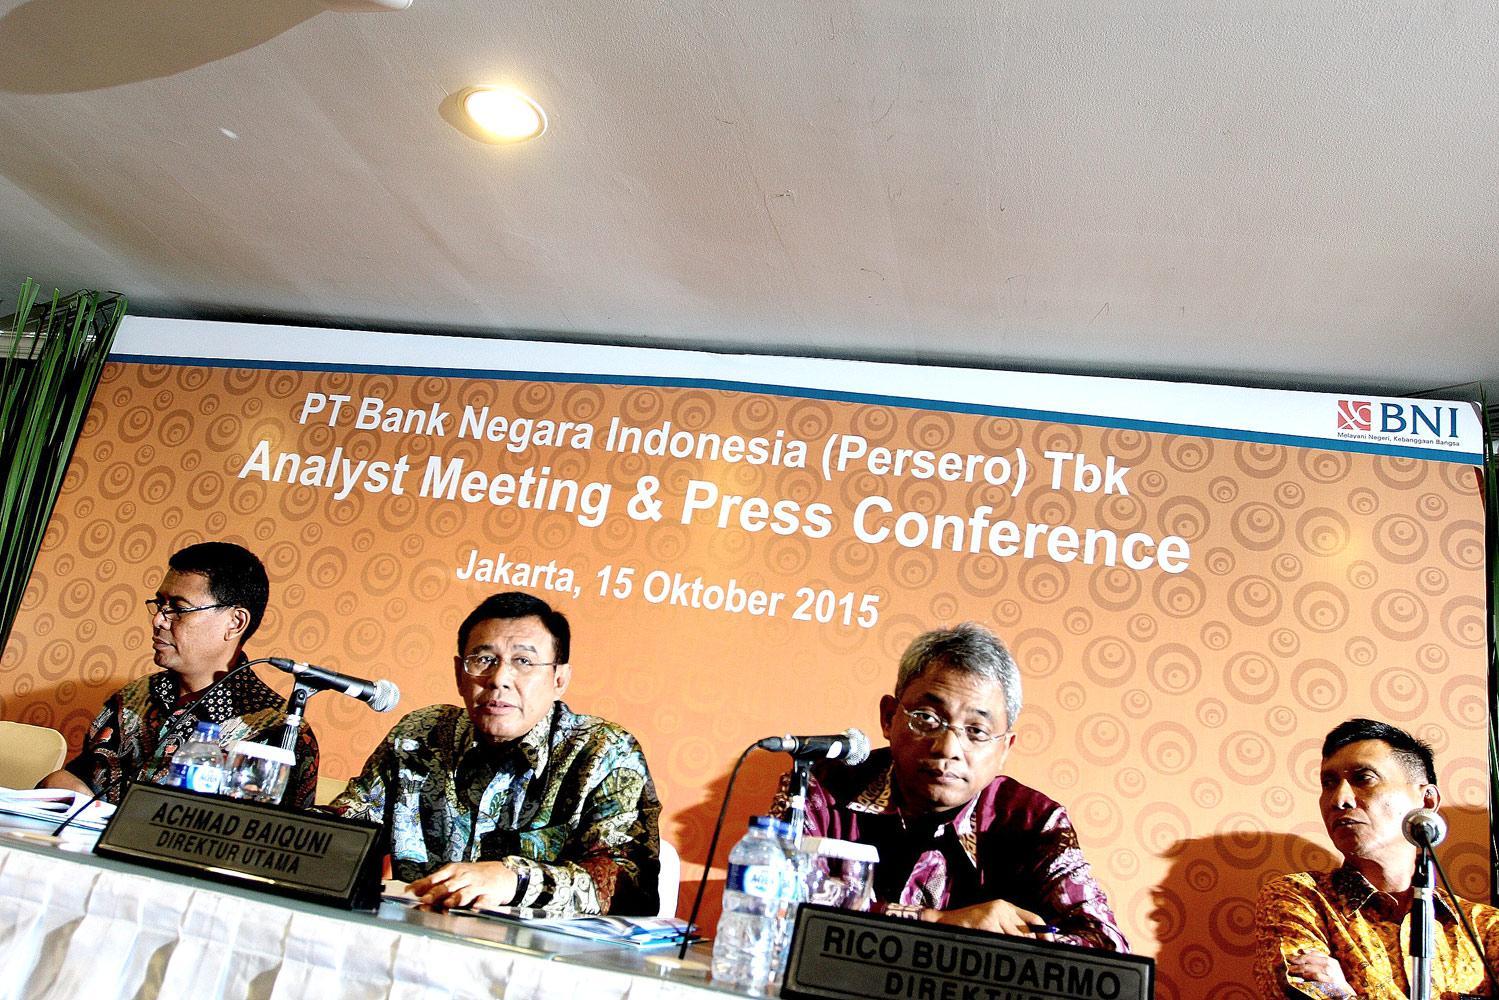 Direktur Utama Bank BNI, Ahmad Baiquni (kedua dari kiri) memaparkan Kinerja BNI Kuartal III di Jakarta, Kamis, (15/010).